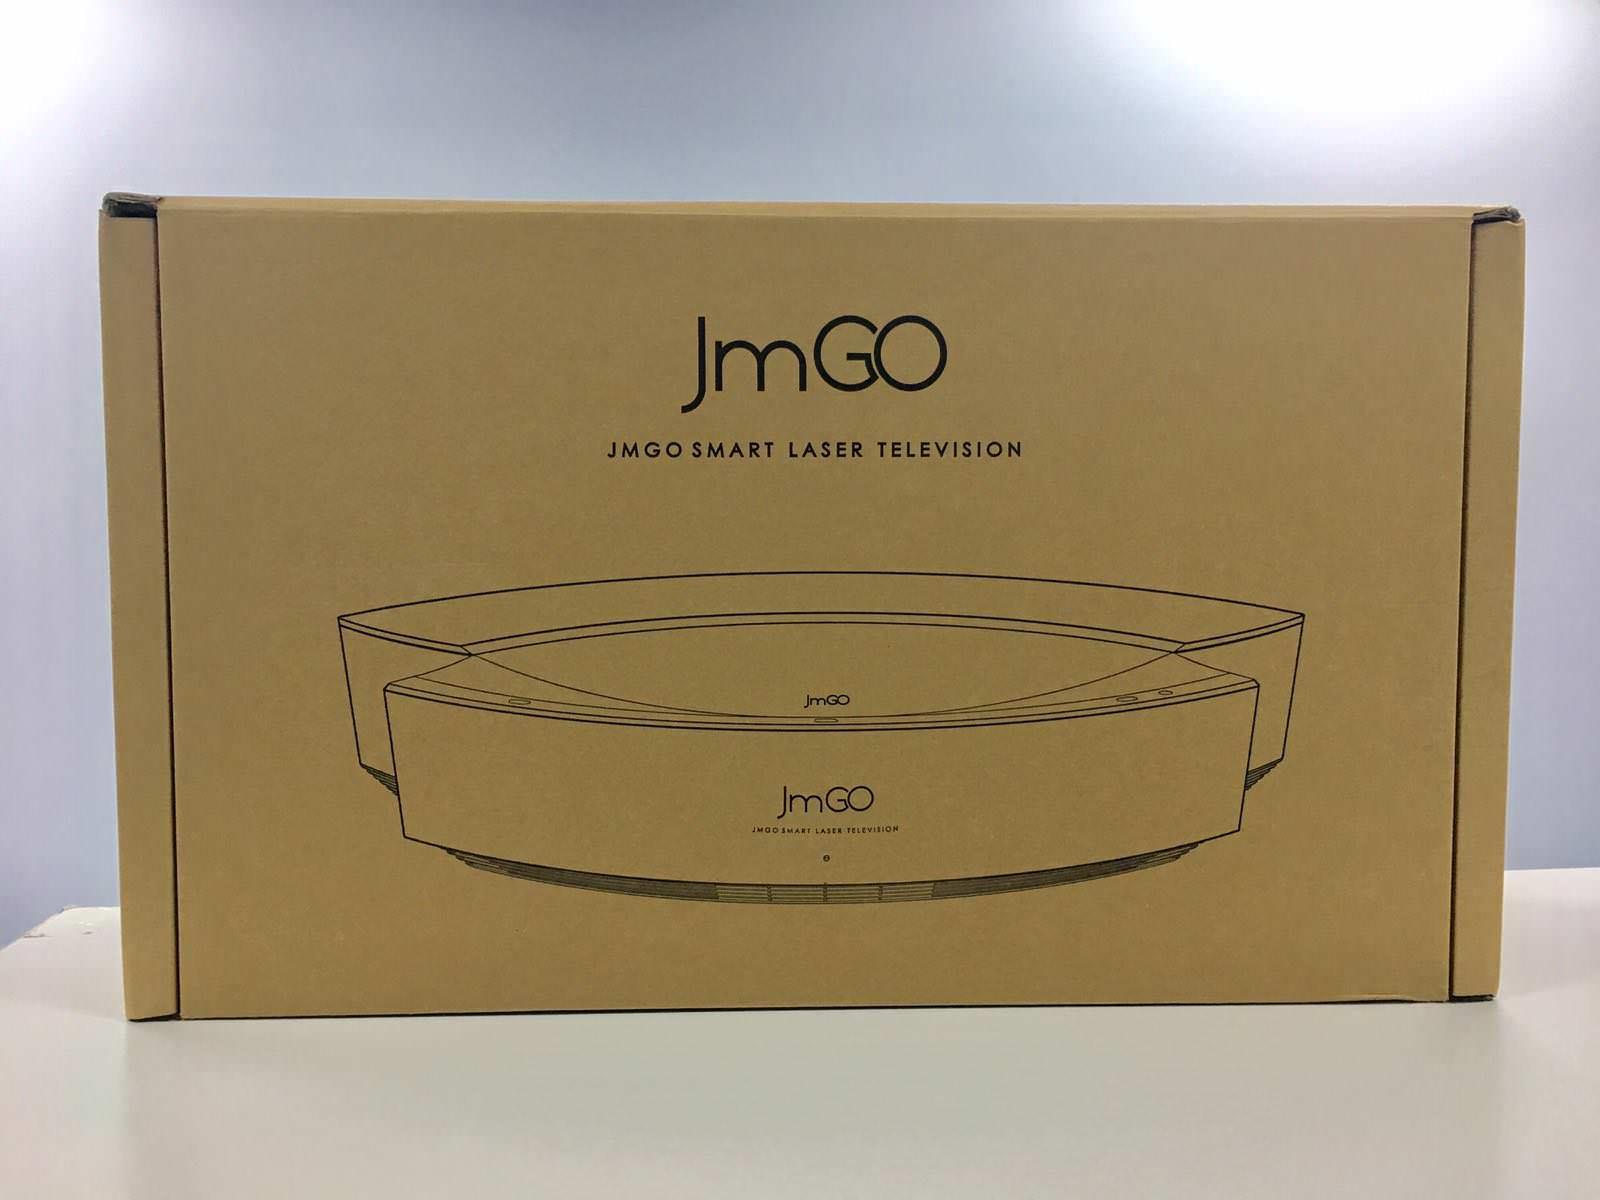 JmGO 激光電視